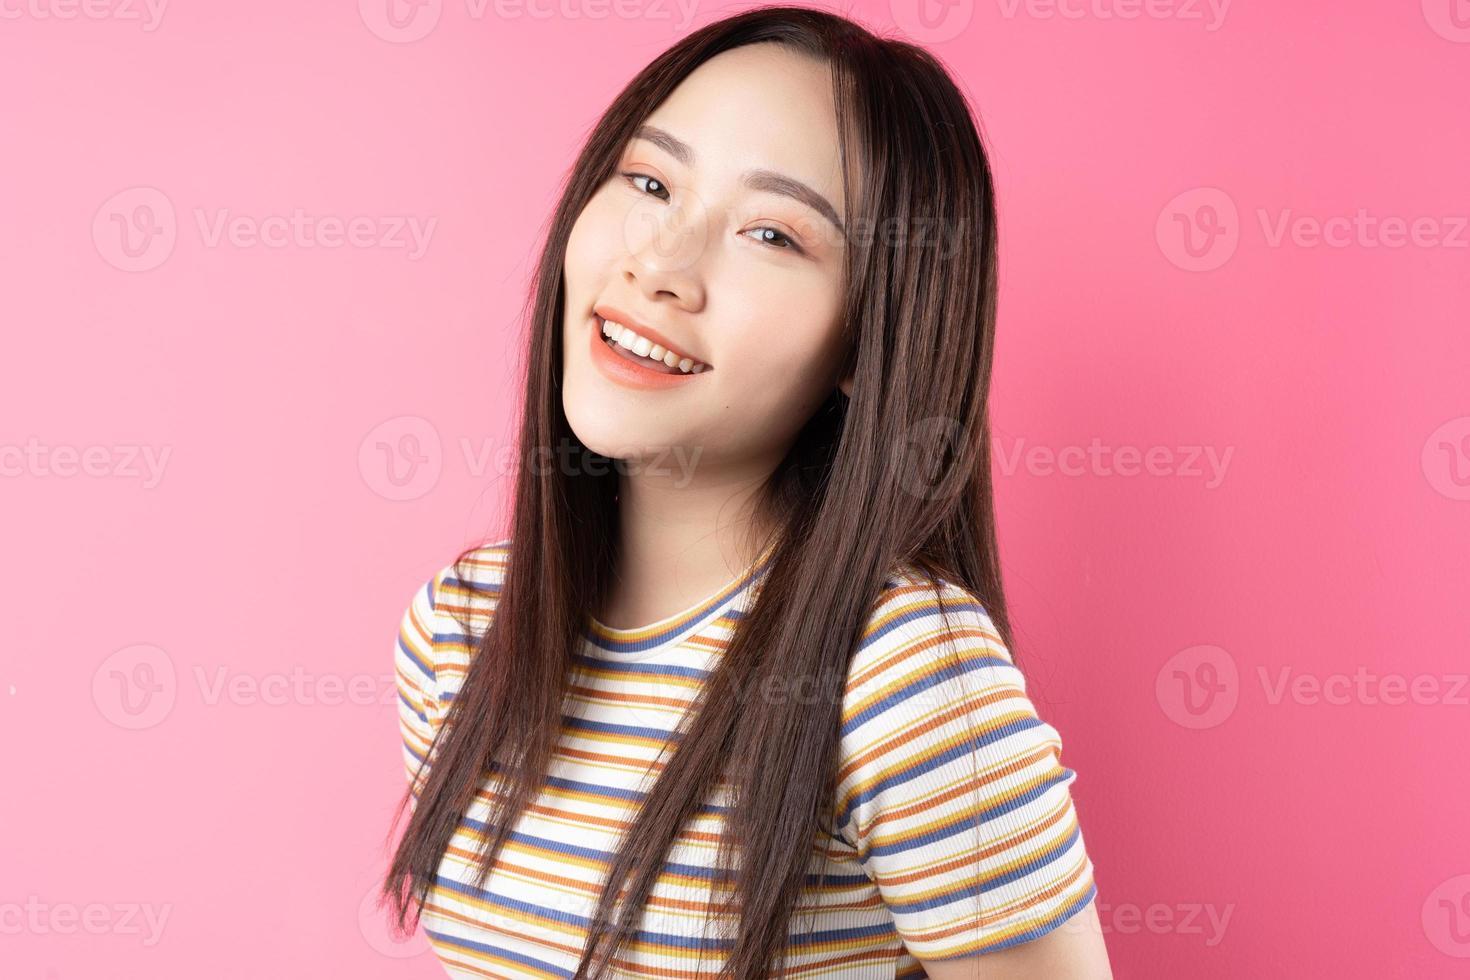 giovane donna asiatica in posa su sfondo rosa foto